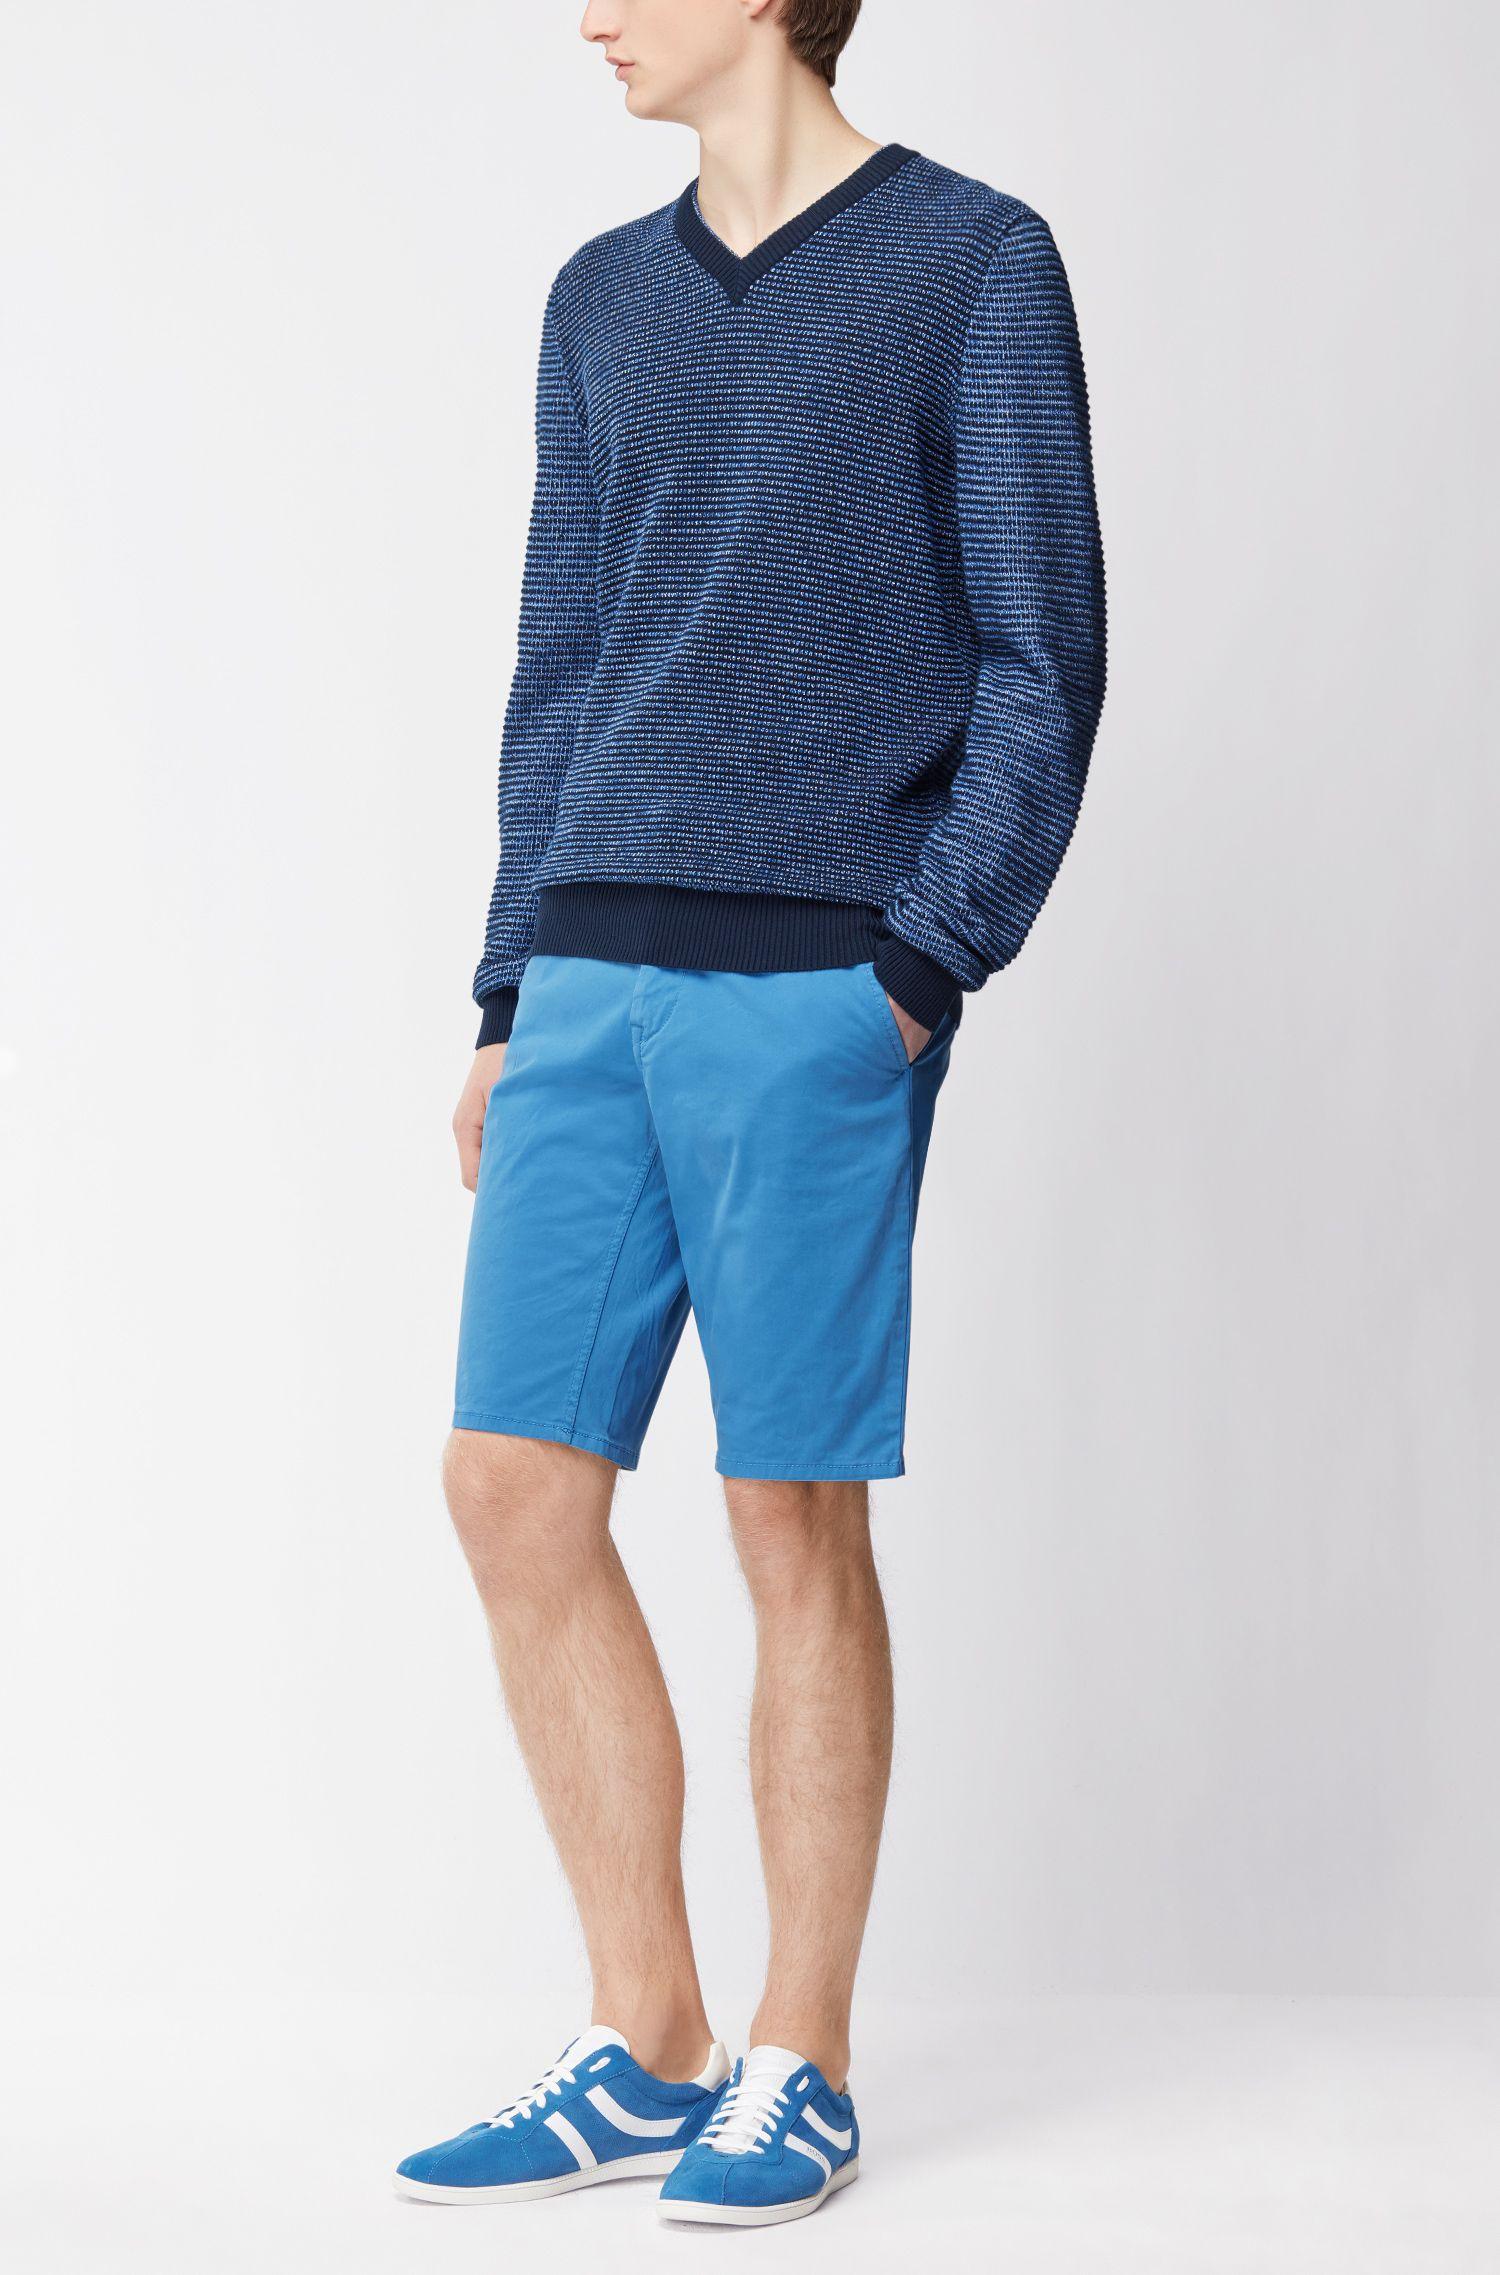 Chino-Shorts aus Stretch-Baumwolle mit doppelten Gürtelschlaufen